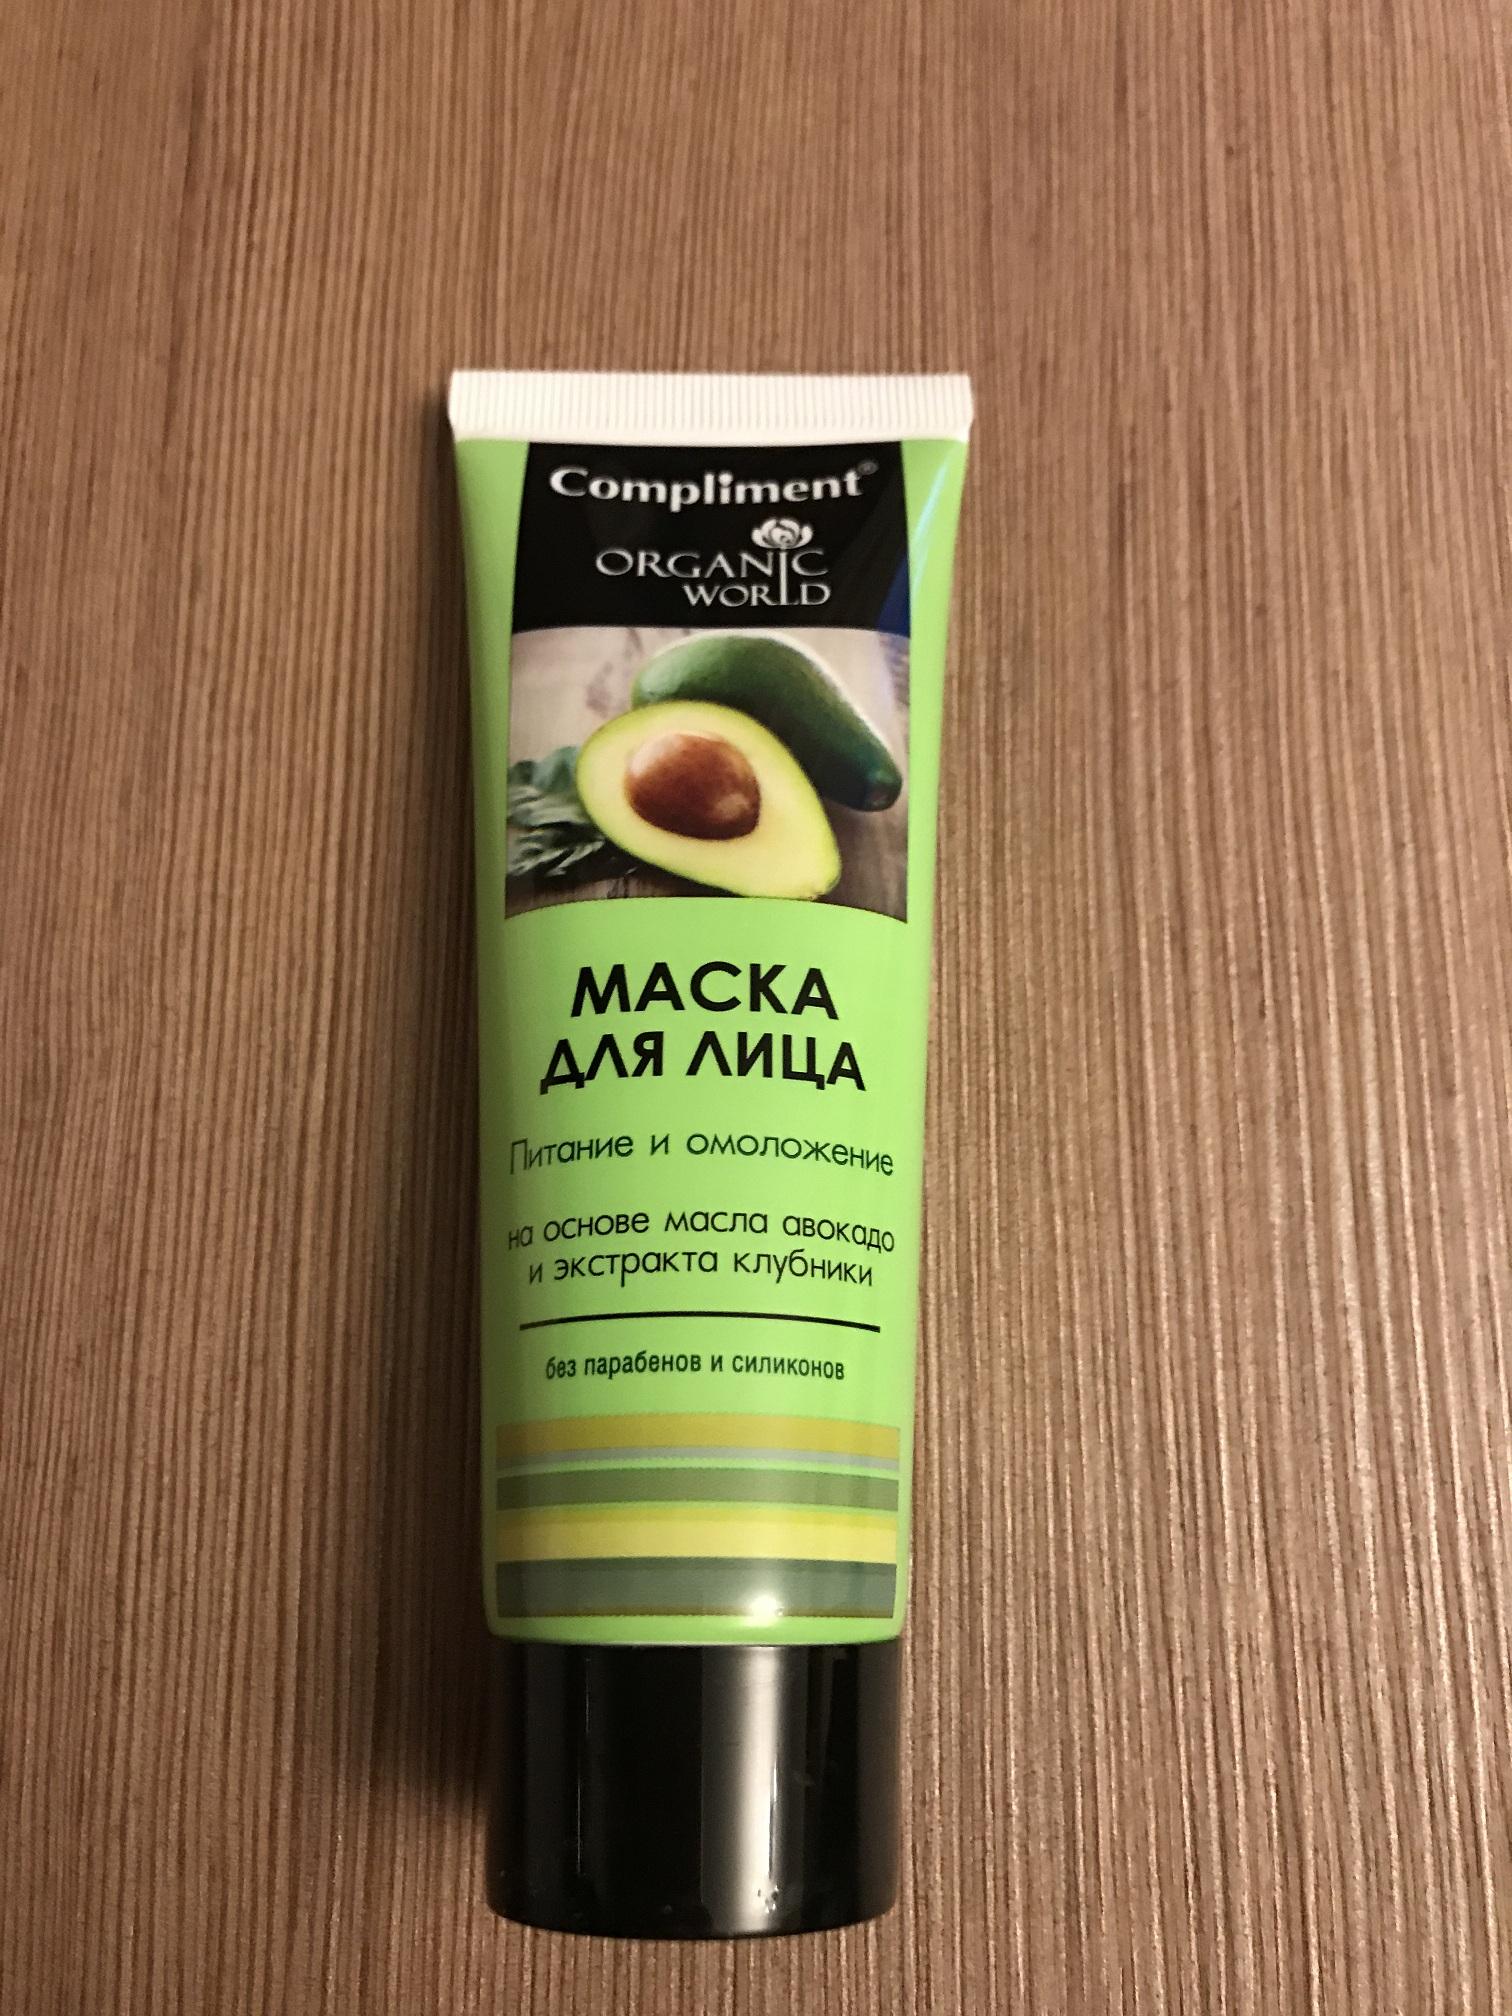 Авокадо – плод персеи американской, вечнозеленого растения из семейства лавровых.